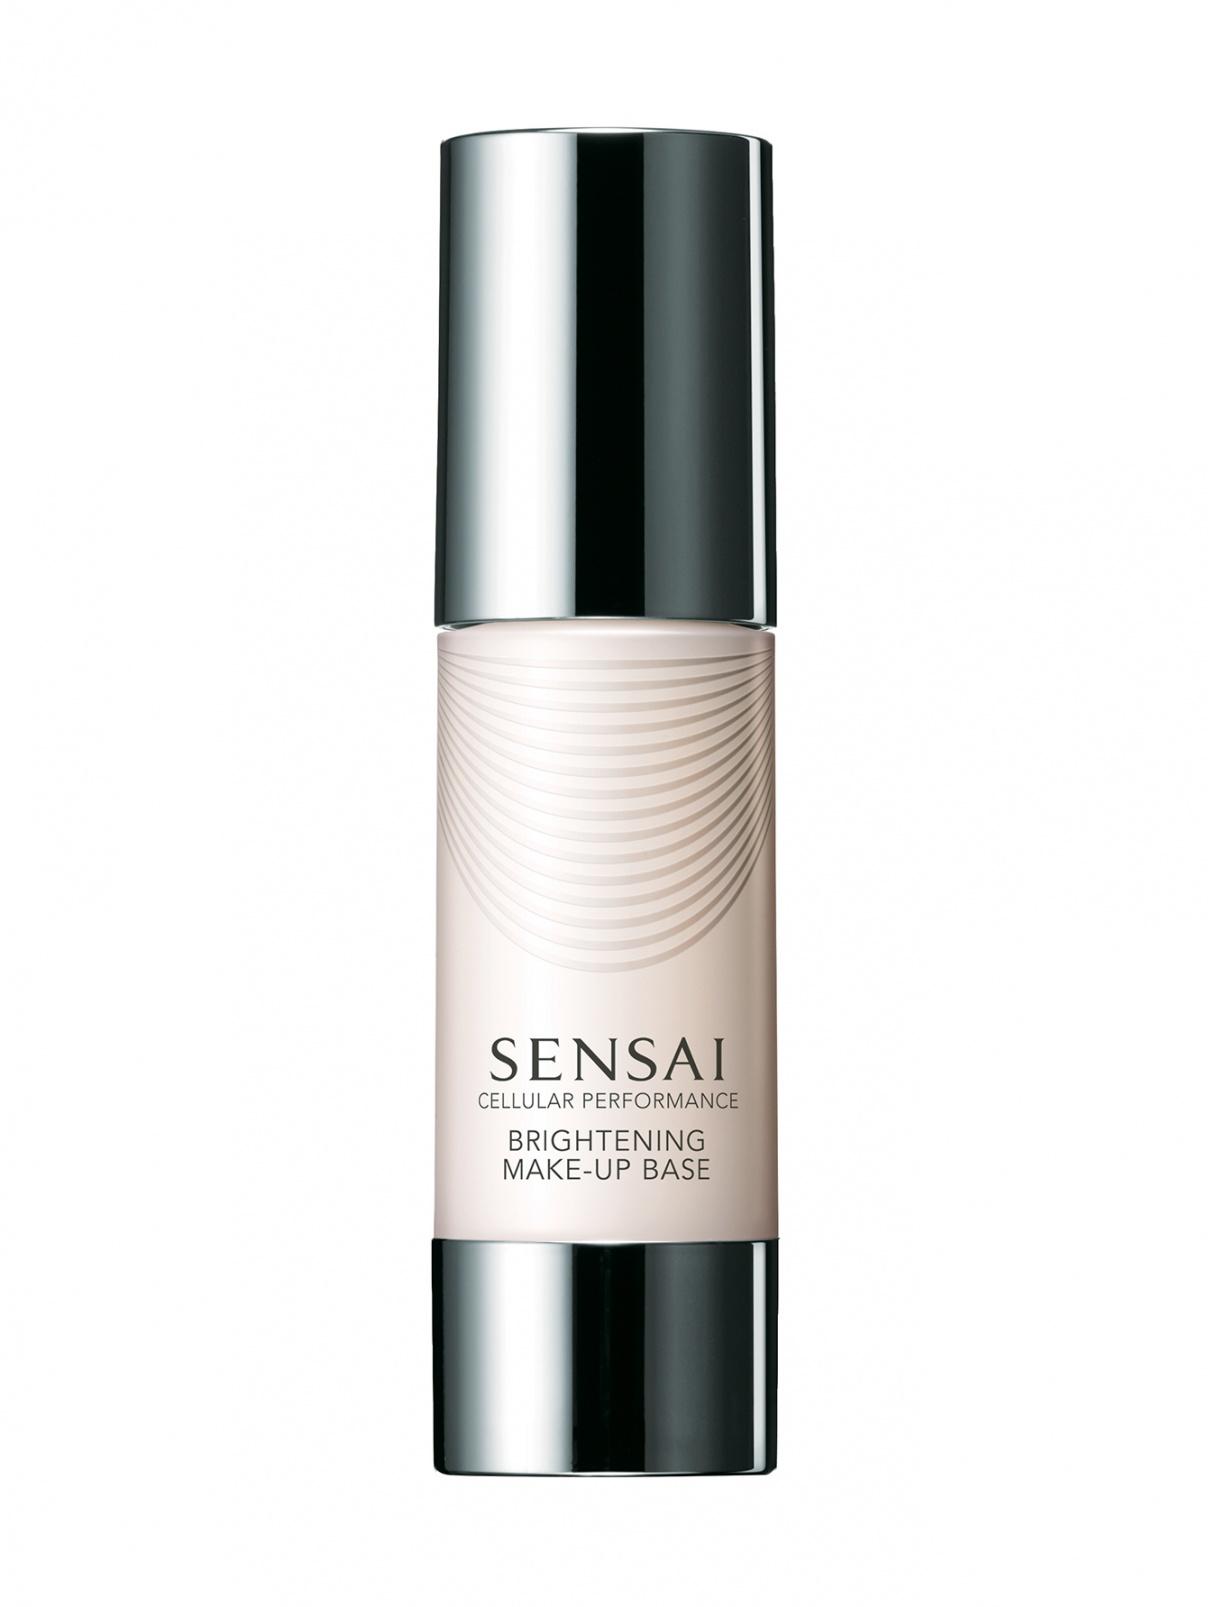 SENSAI CELLULAR PERFORMANCE Основа под макияж с эффектом сияния 30 мл Sensai  –  Общий вид